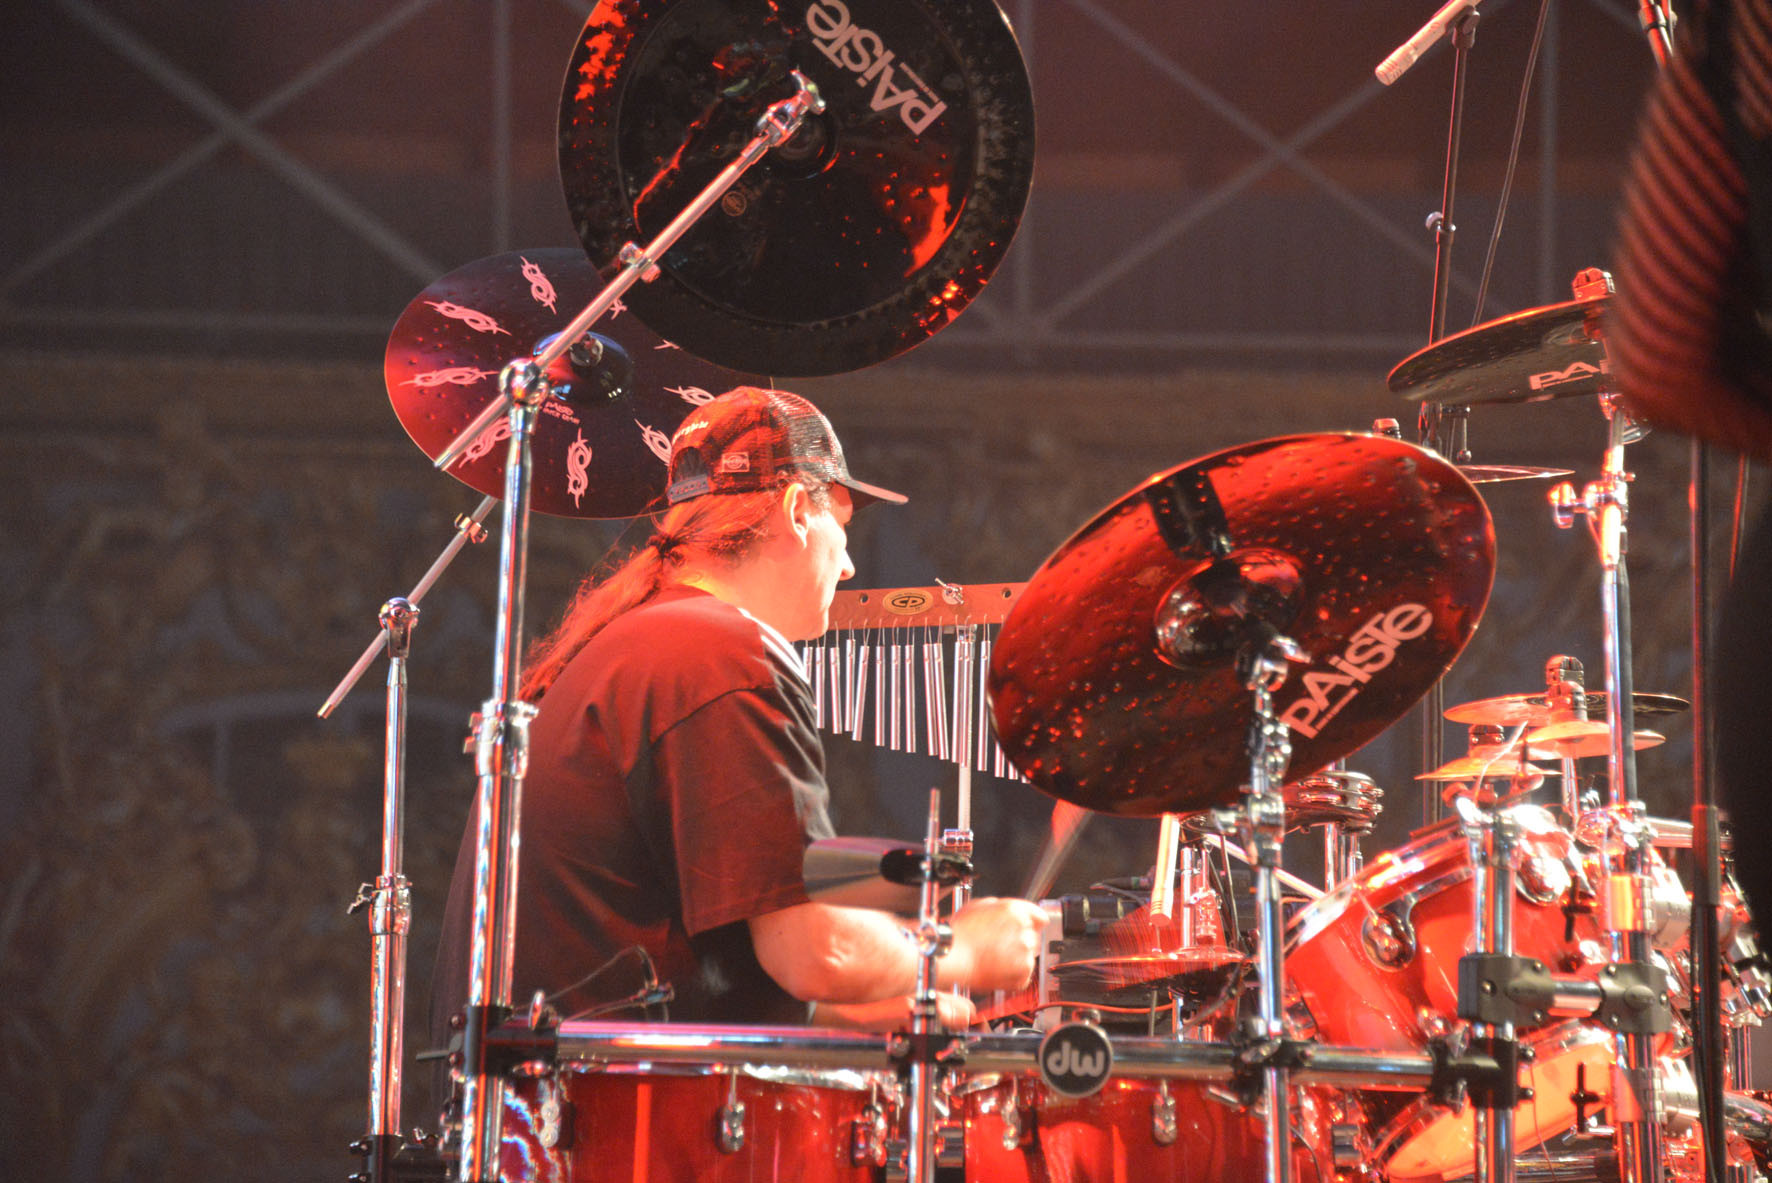 Christian - Drummer